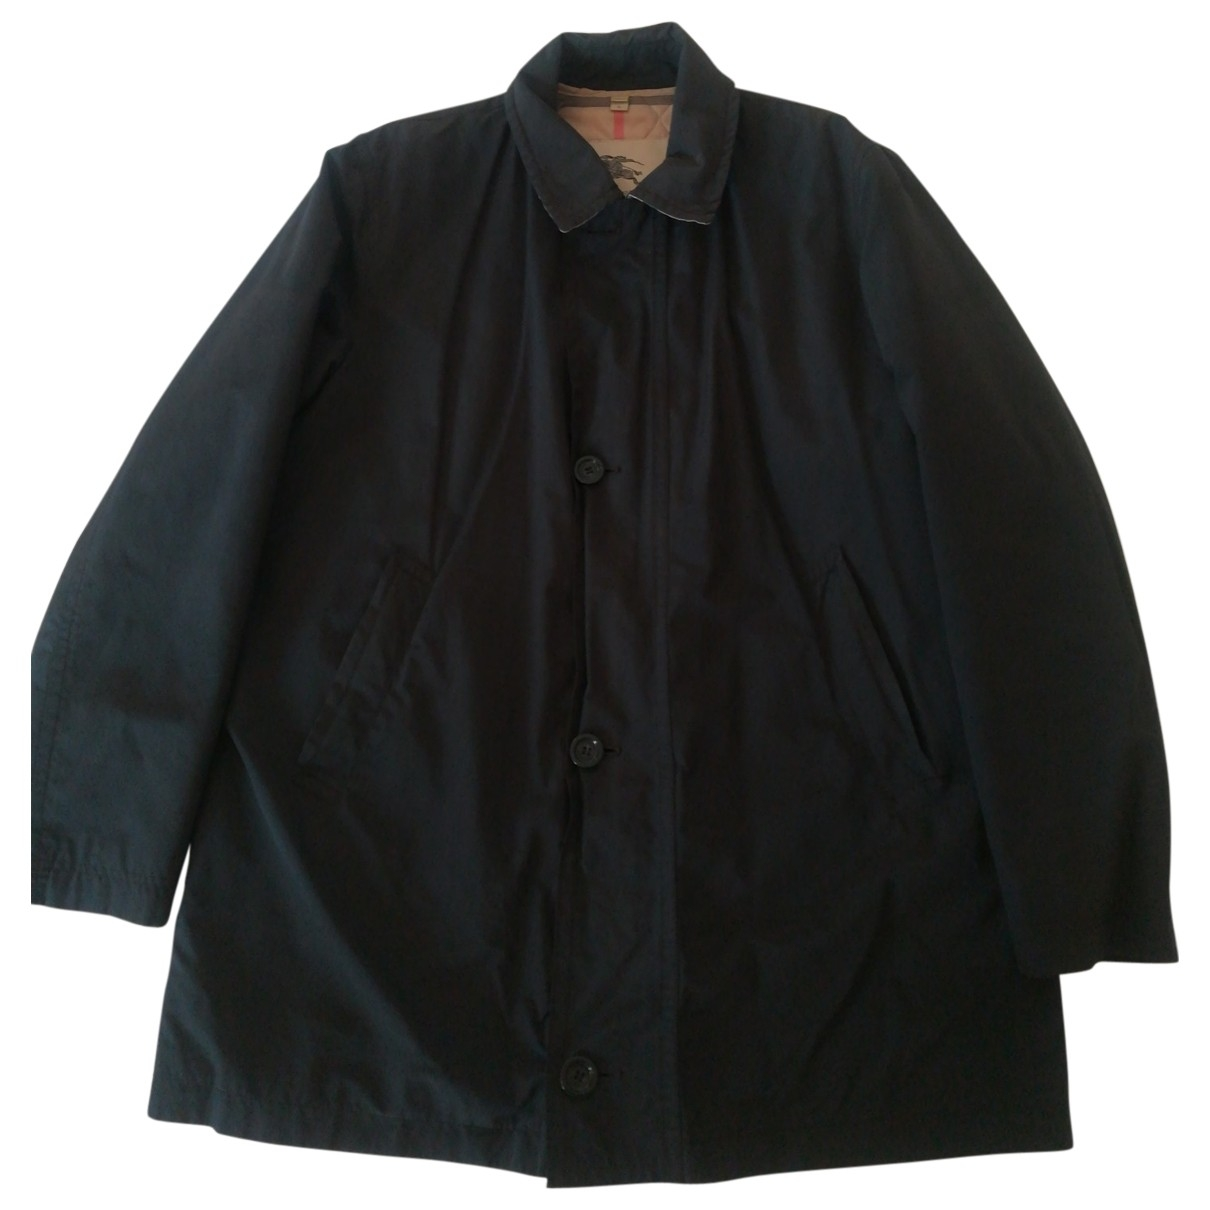 Burberry \N Black jacket  for Men L International